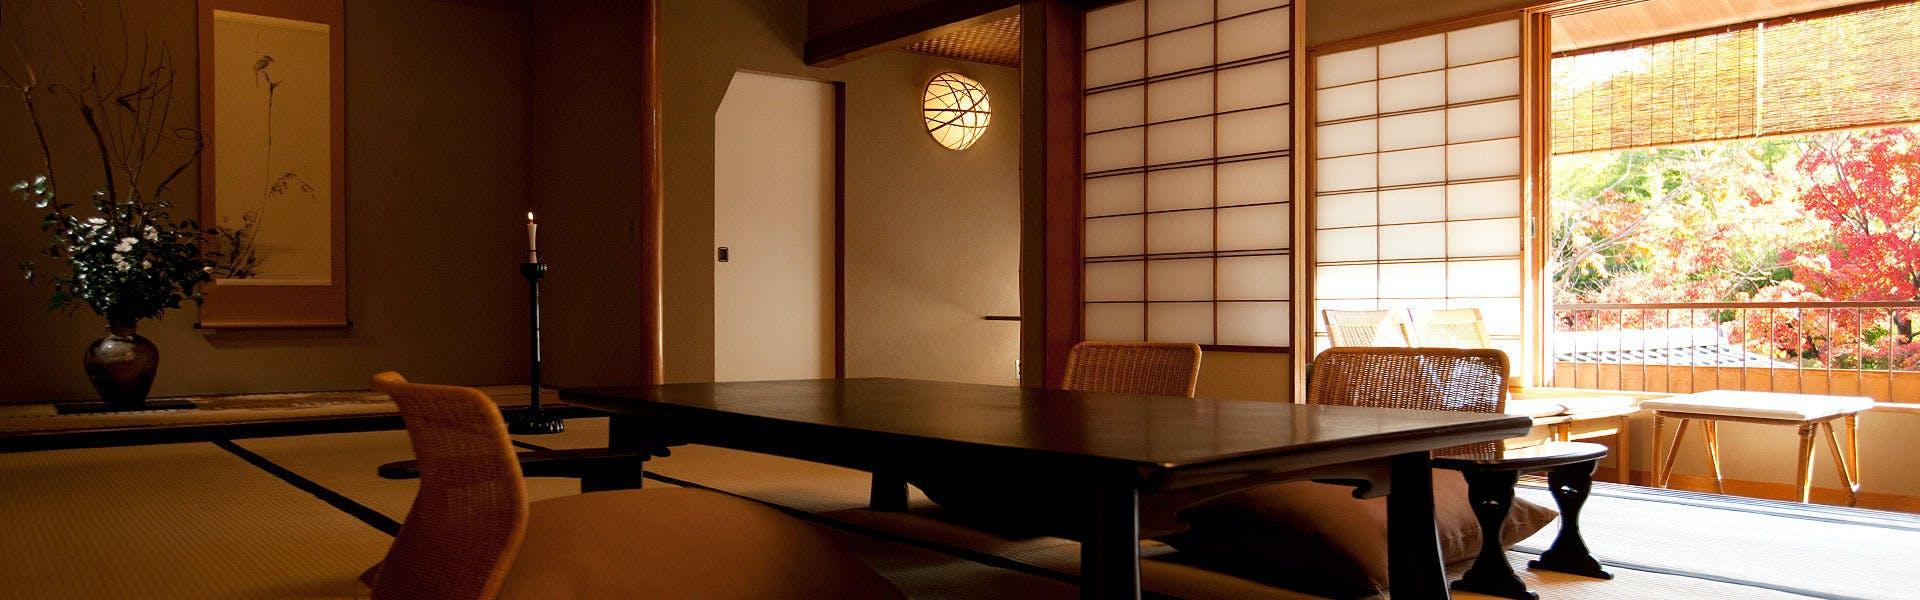 記念日におすすめのホテル・柳生の庄の写真3